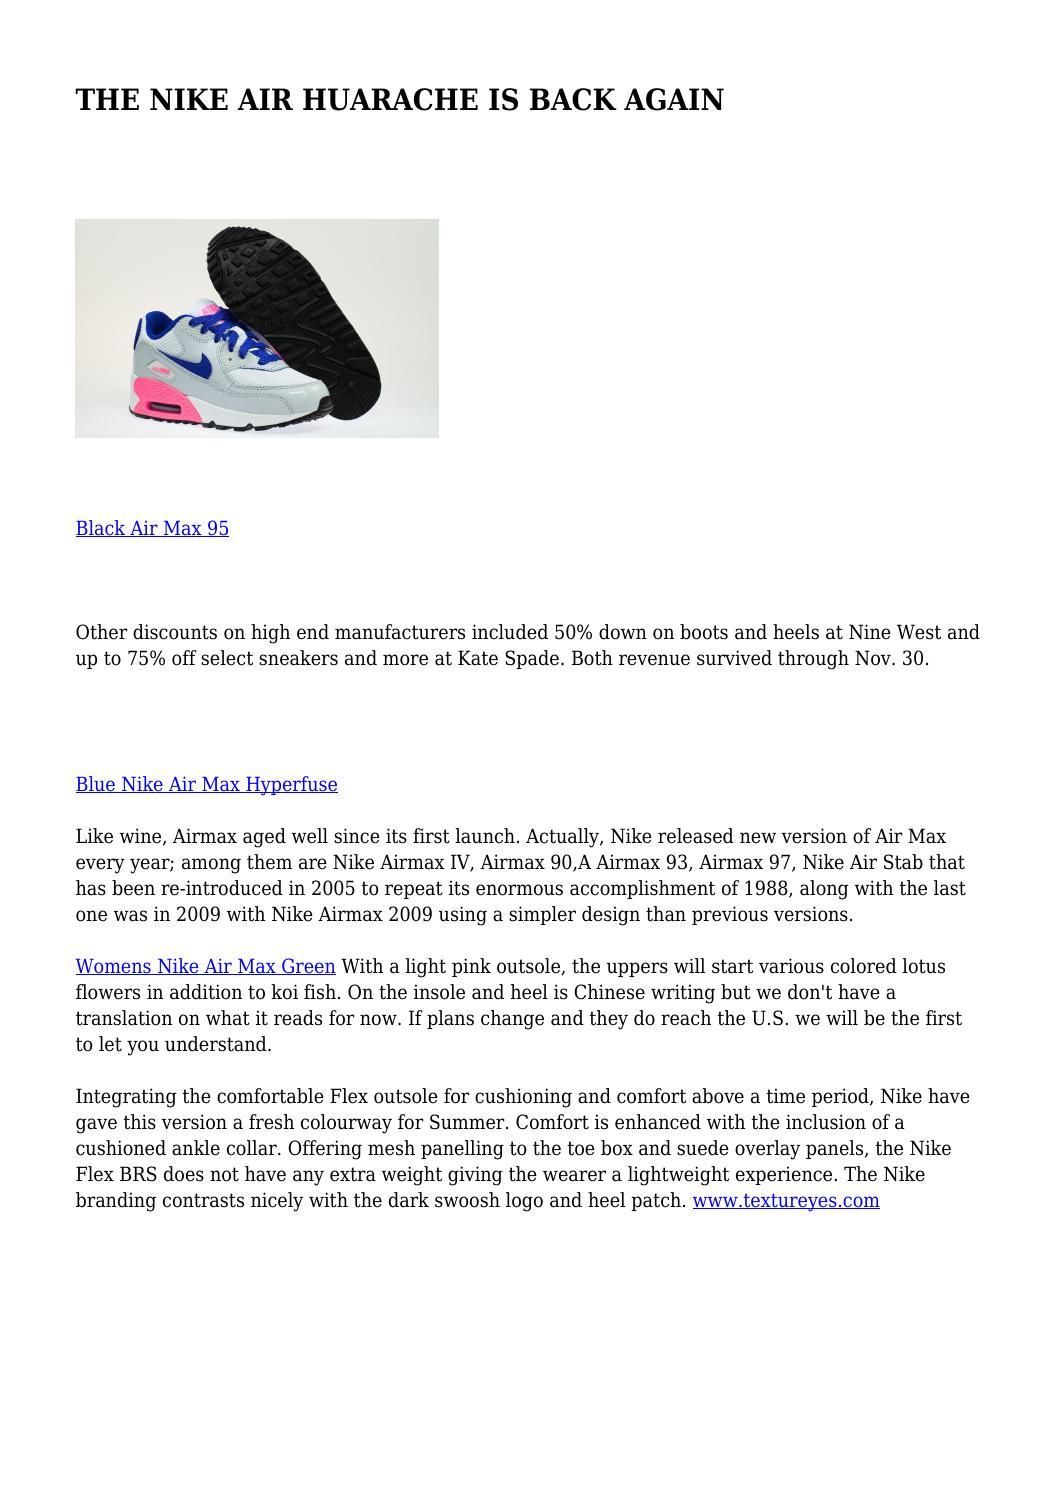 3b496b3f60d THE NIKE AIR HUARACHE IS BACK AGAIN by oafisheyesight069 - issuu